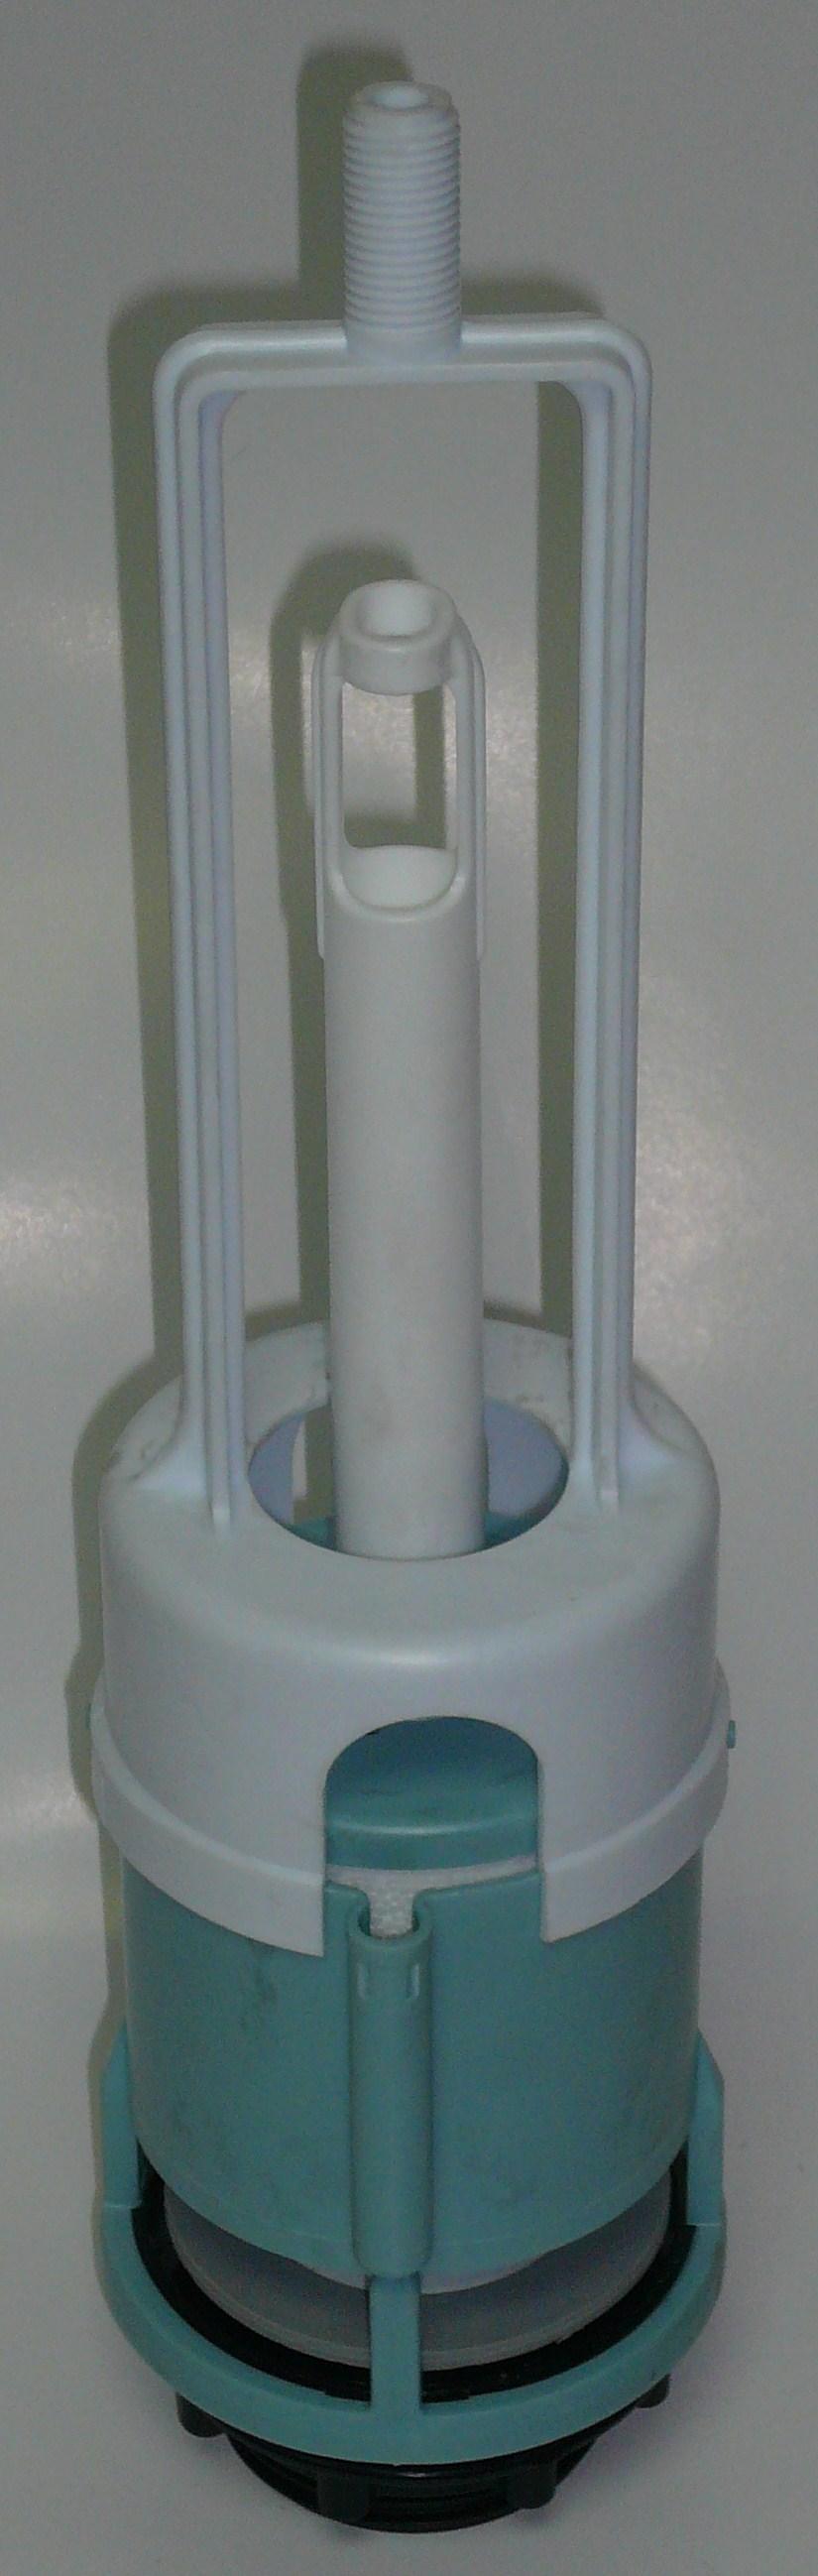 Como cambiar el mecanismo de una cisterna roca latest for Cambiar mecanismo cisterna